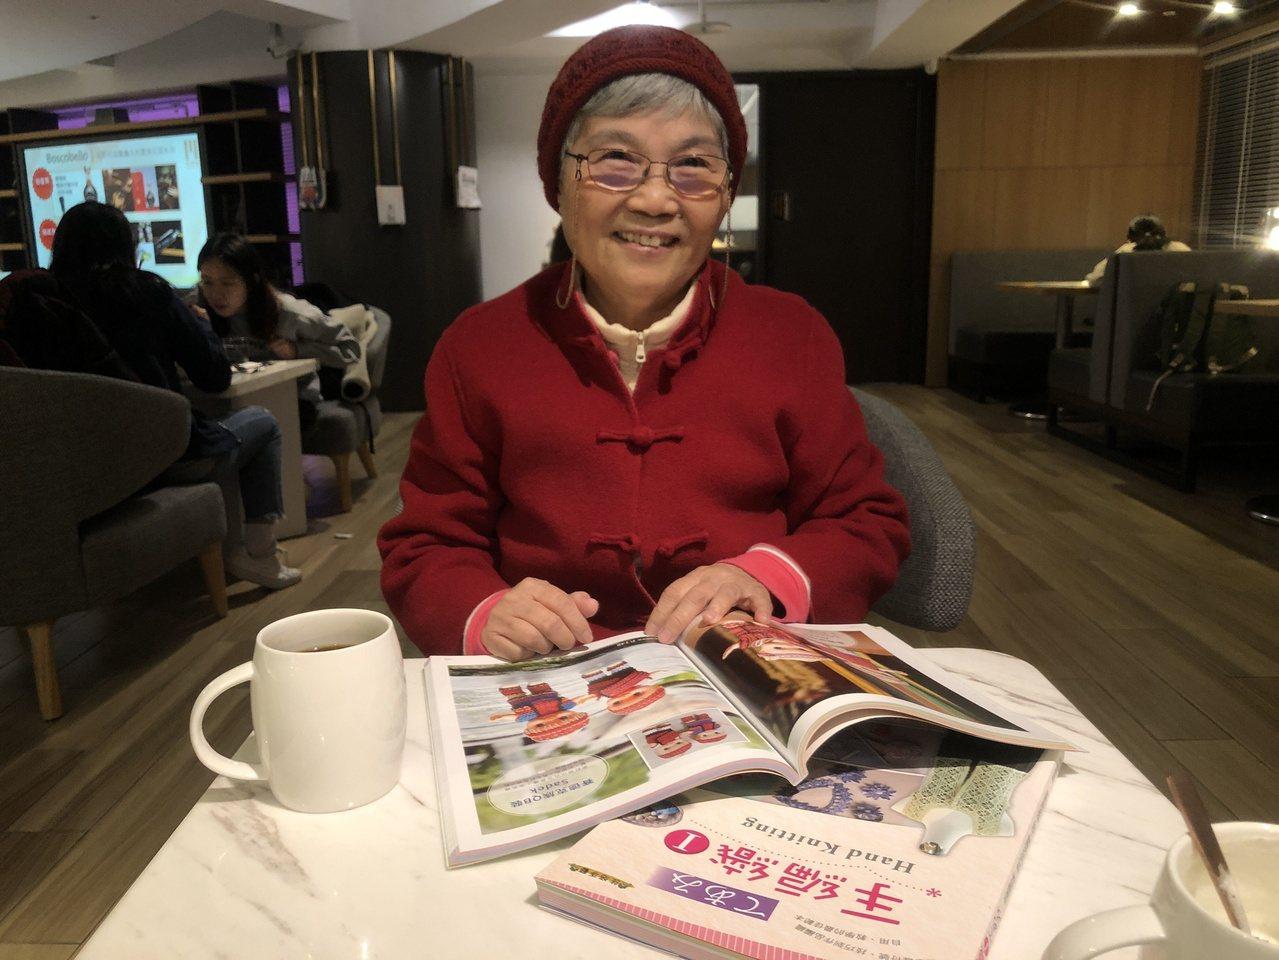 國寶級手做編織師陳郭寶桂穿著活潑,頭上的毛帽也是自己編出來的。 圖/鍾維軒 攝影